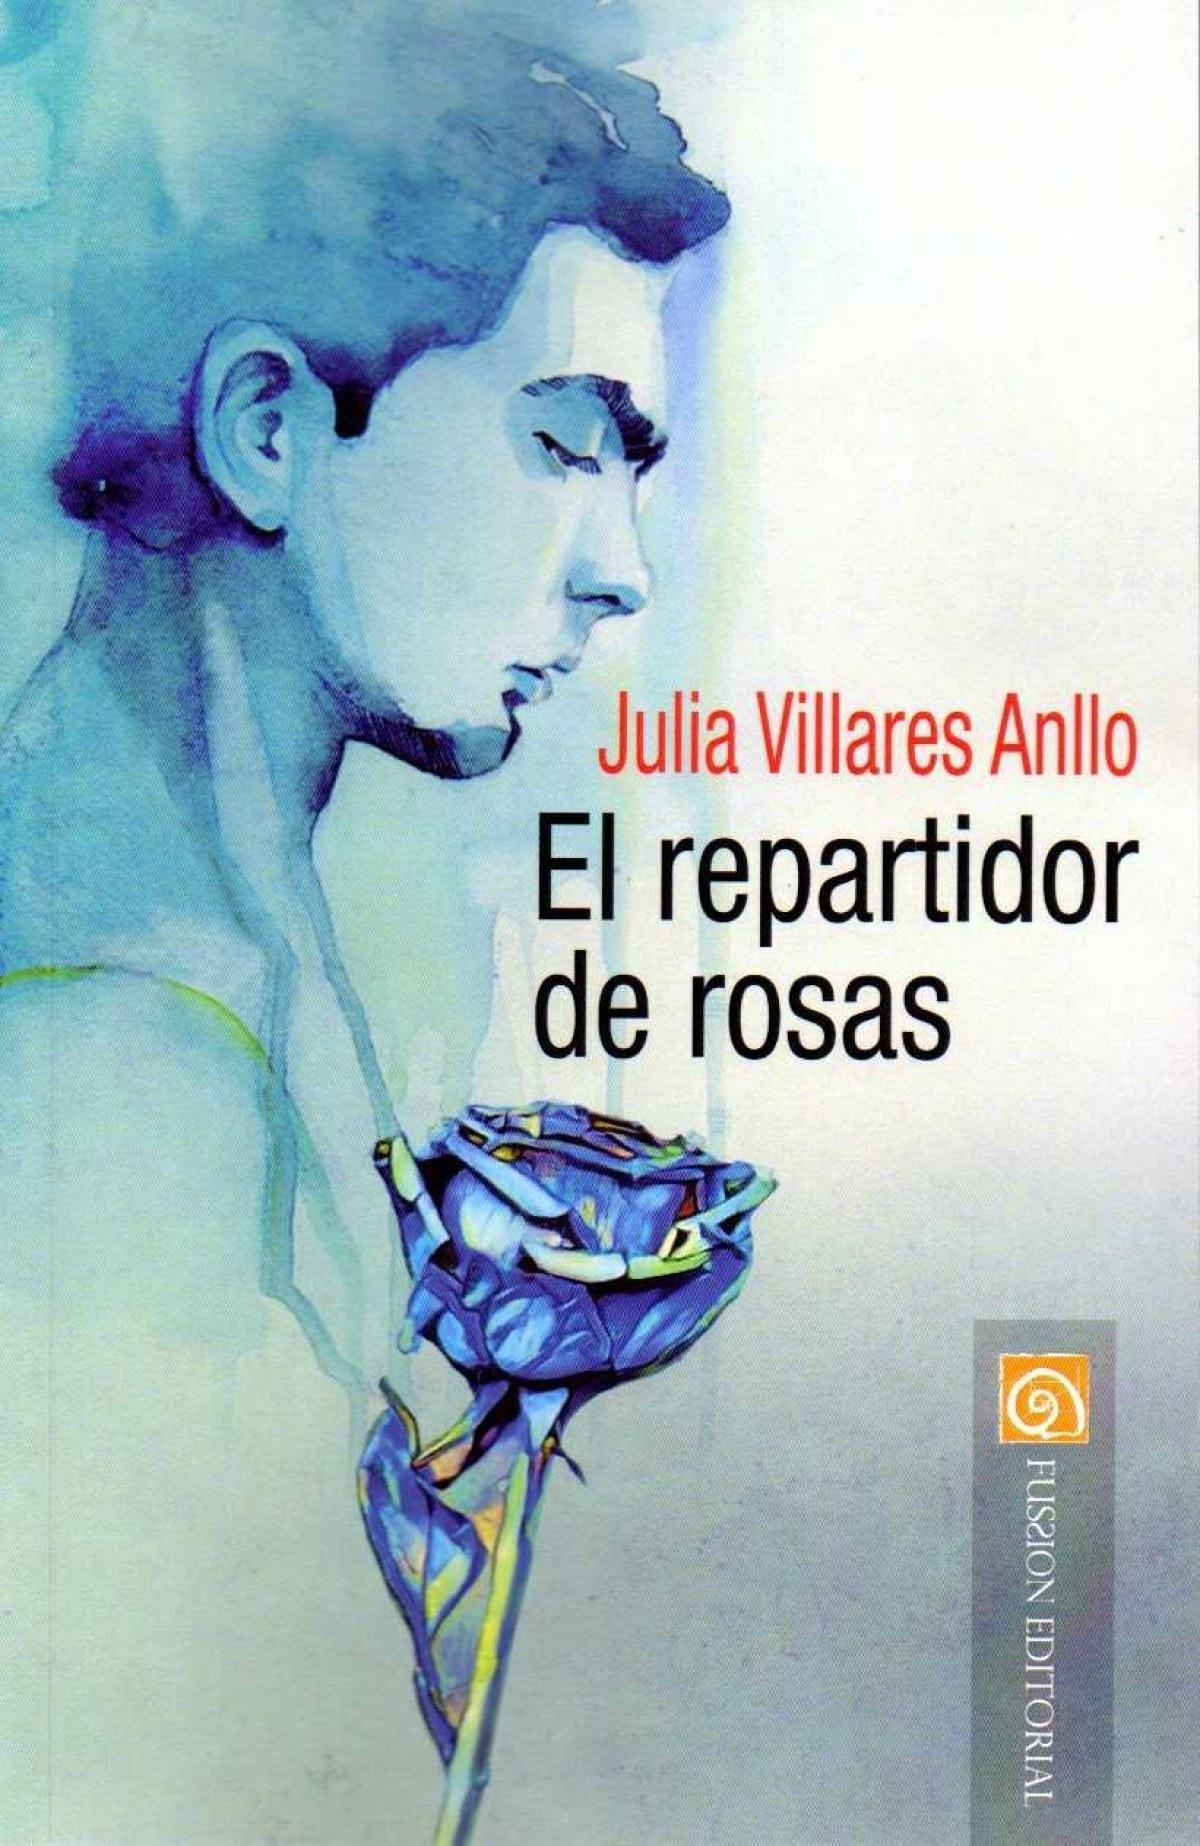 EL REPARTIDOR DE ROSAS 9788416821907